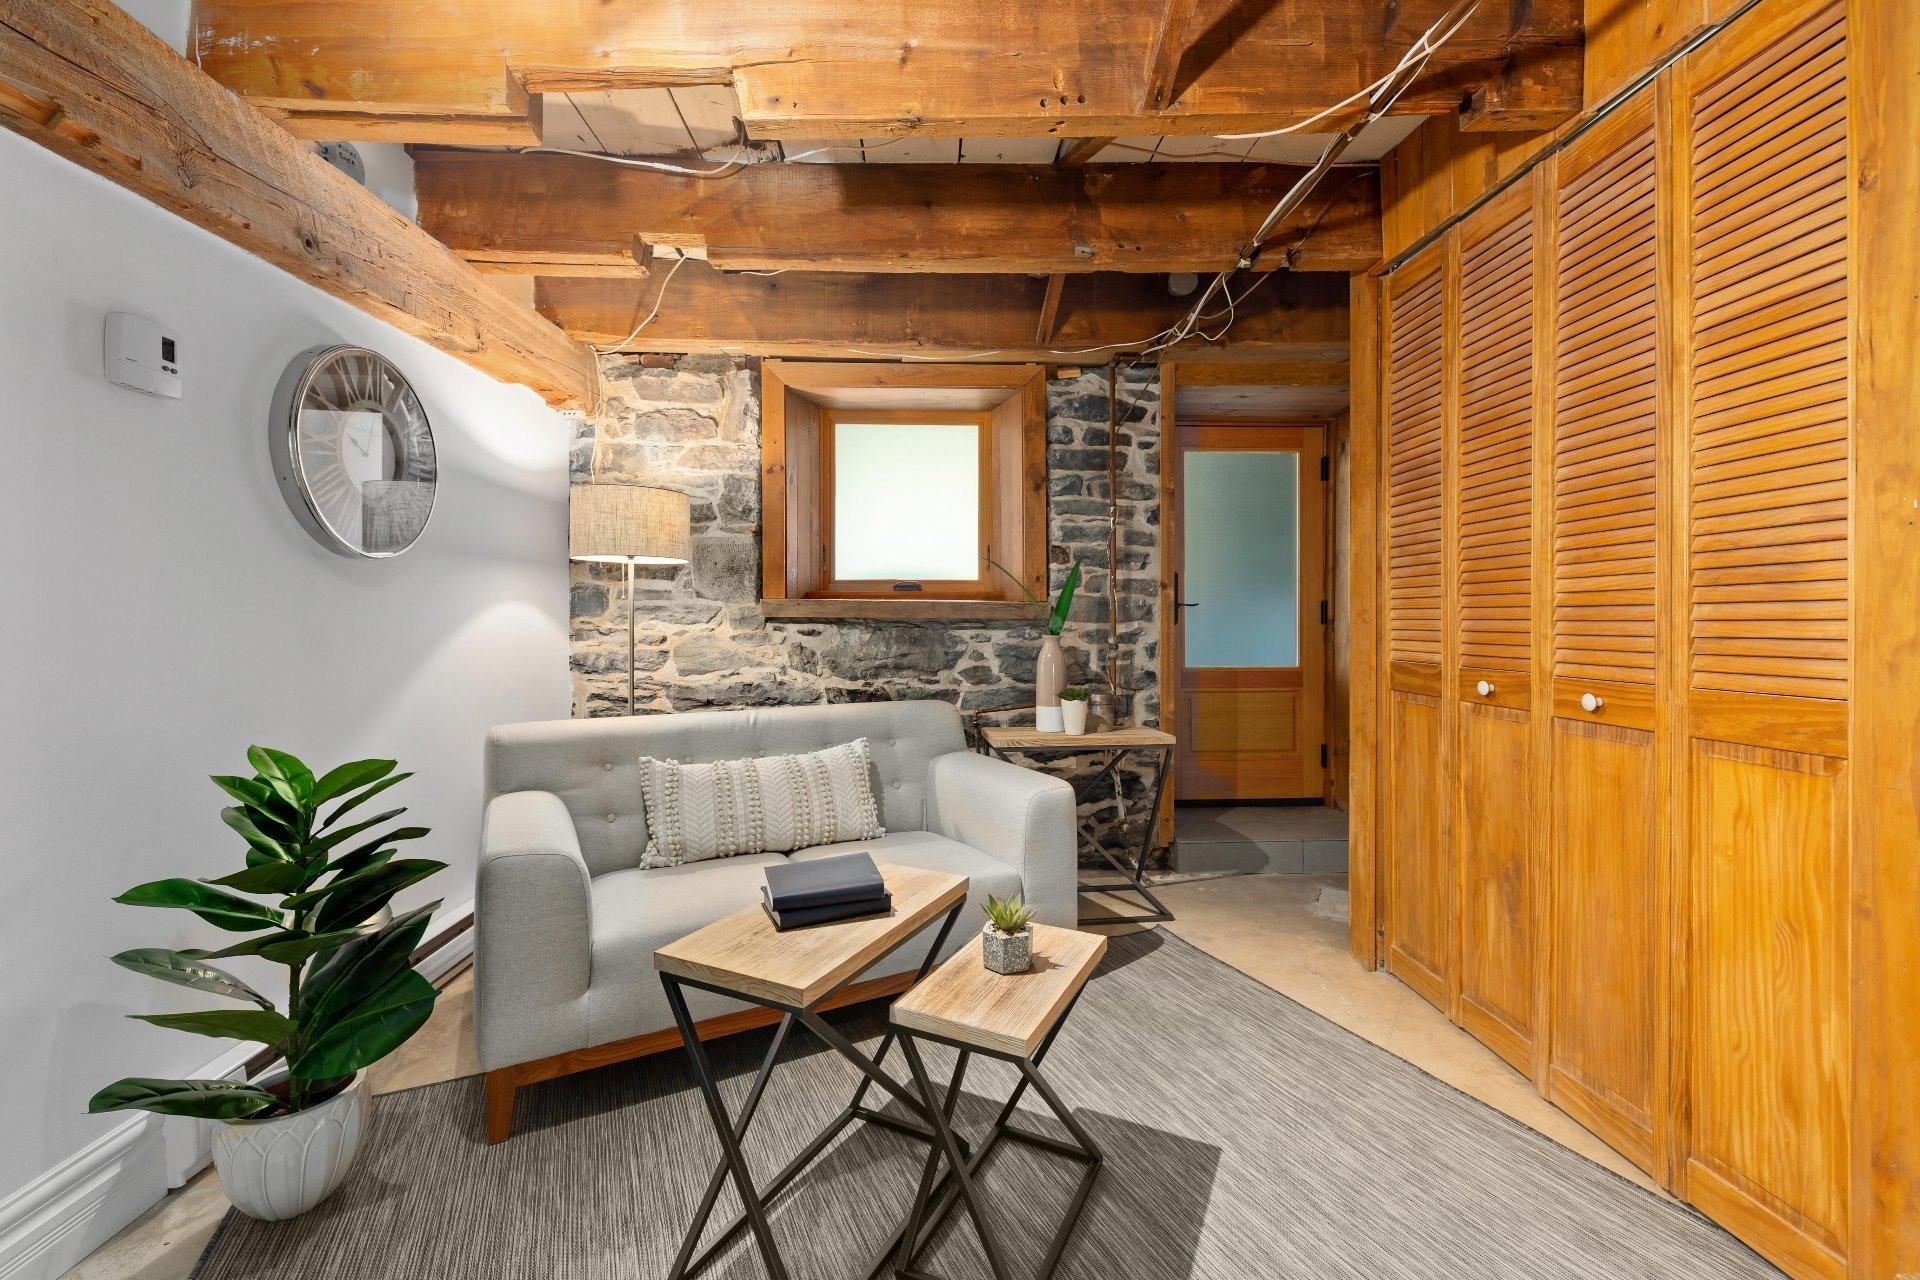 image 16 - Duplex For sale Le Plateau-Mont-Royal Montréal  - 5 rooms